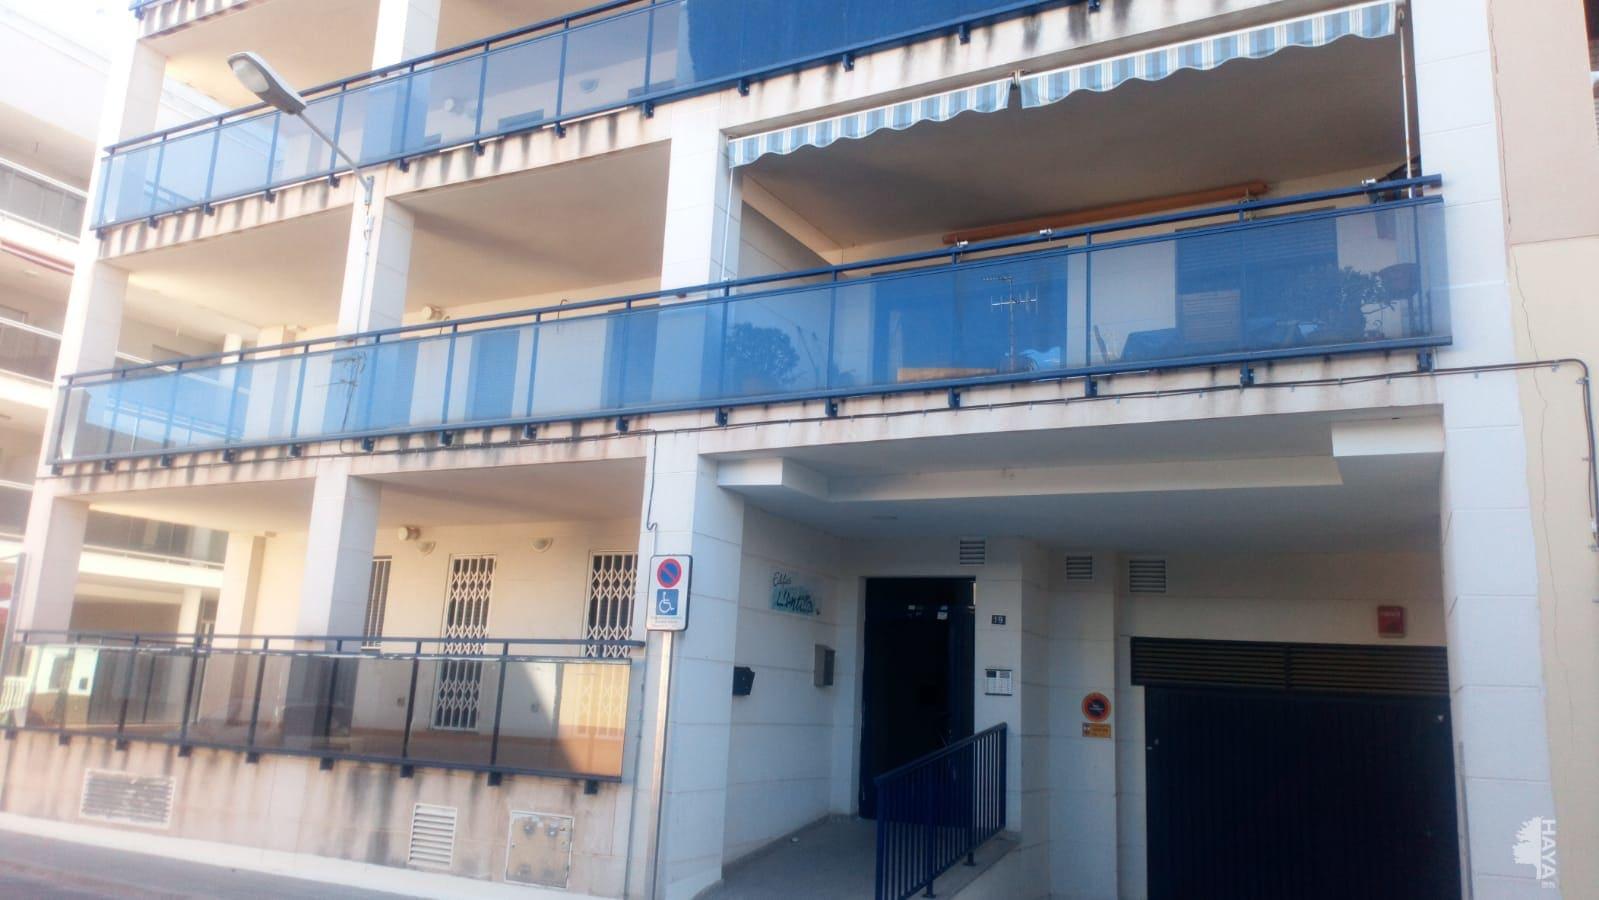 Piso en venta en El Grao, Moncofa, Castellón, Calle Isaac Peral, 68.399 €, 2 habitaciones, 1 baño, 74 m2